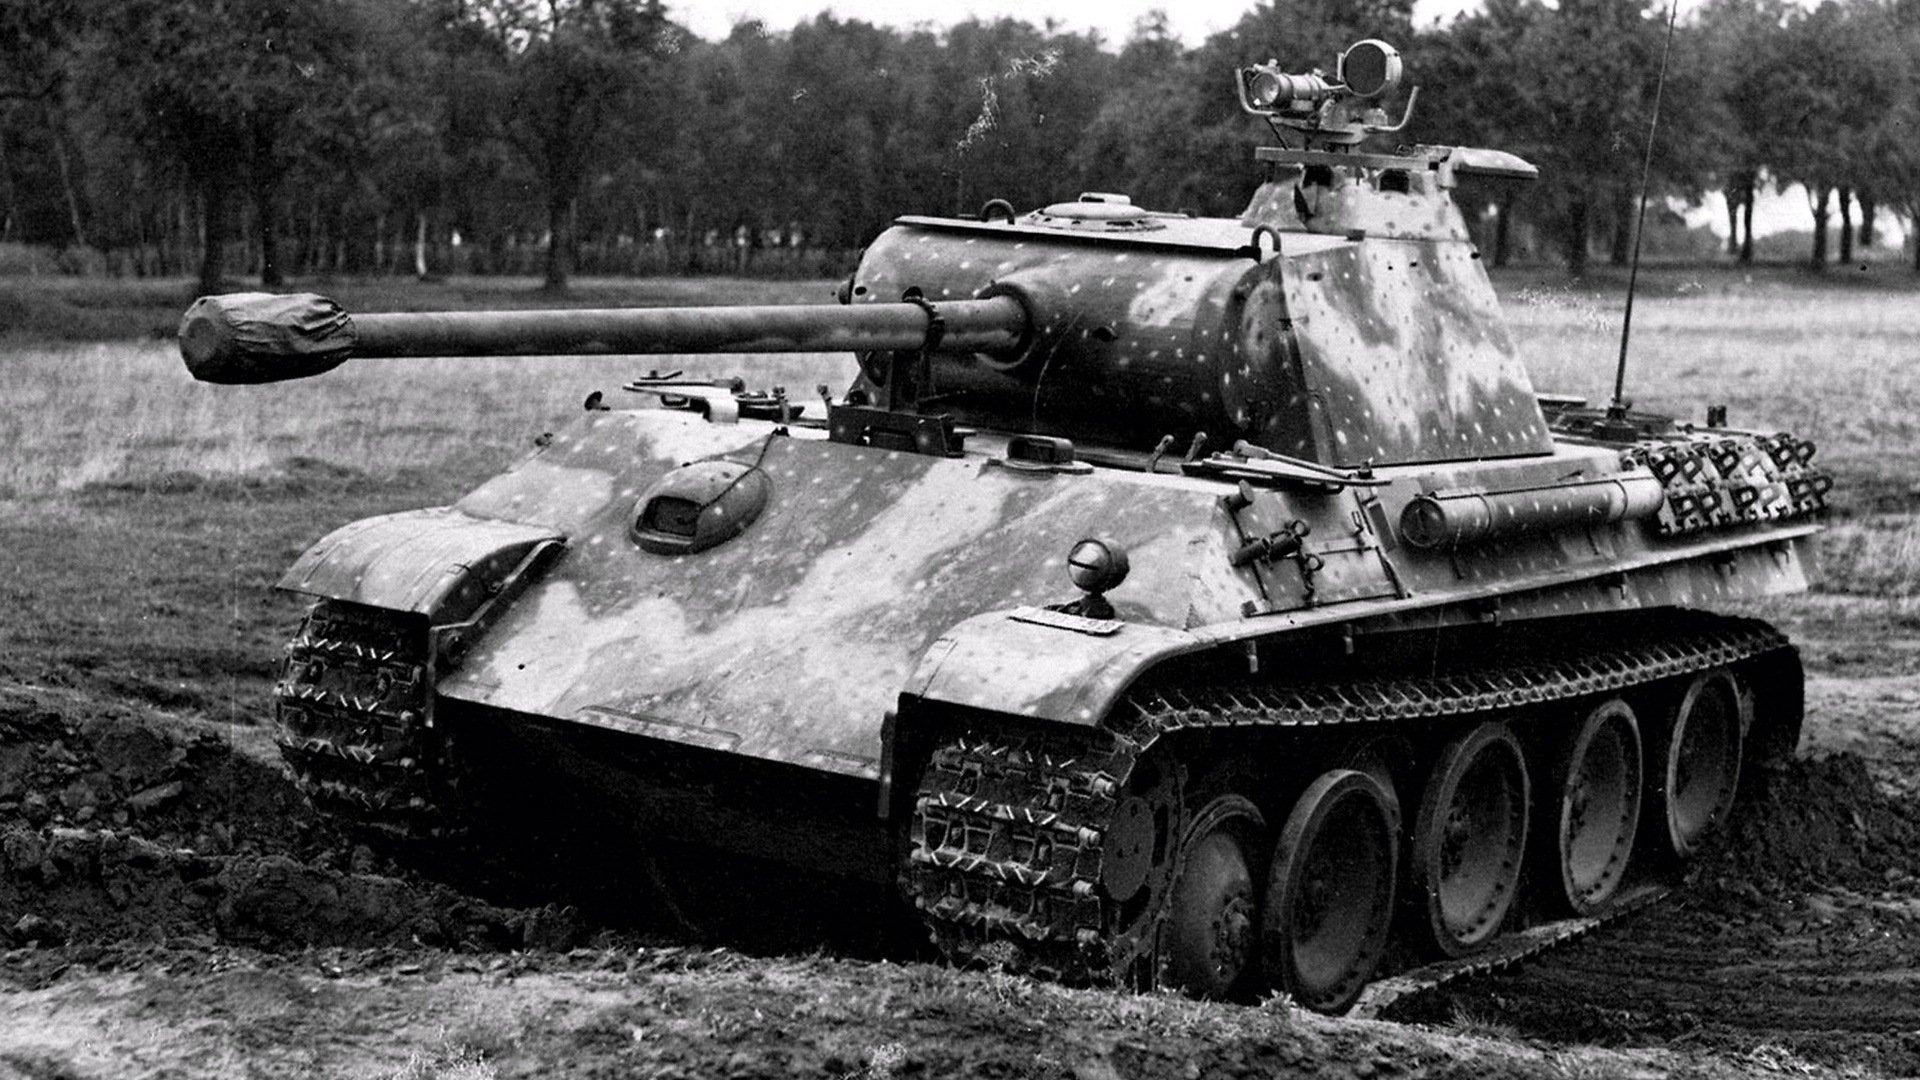 Обои Черно-белый танк, картинки - Обои ...: www.fullhdoboi.ru/photo/weapon/cherno_belyj_tank/35-0-7381